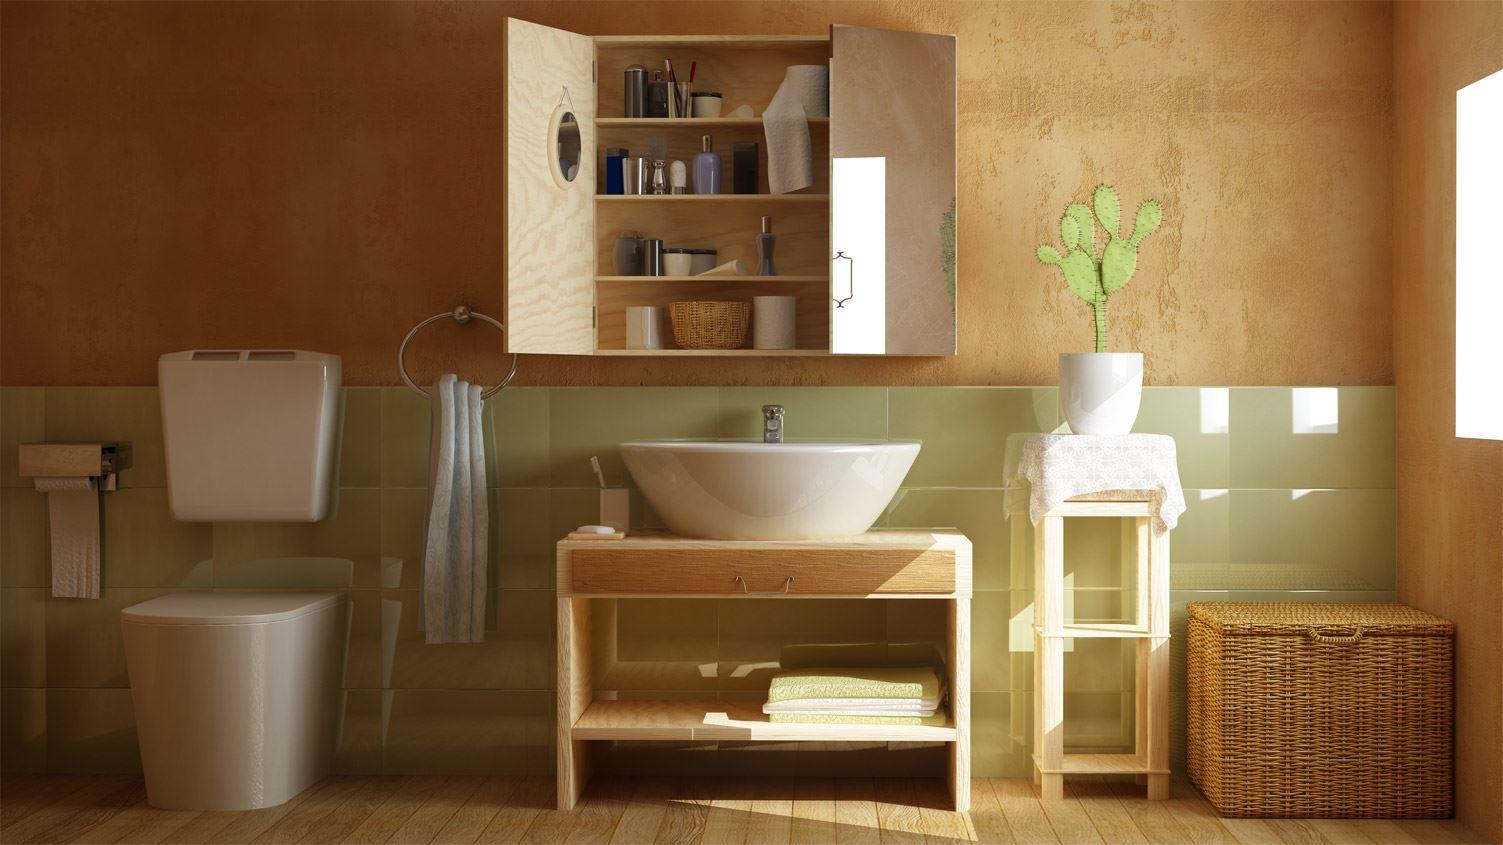 Pintura para azulejos de baño y cocina | HOMEPPY